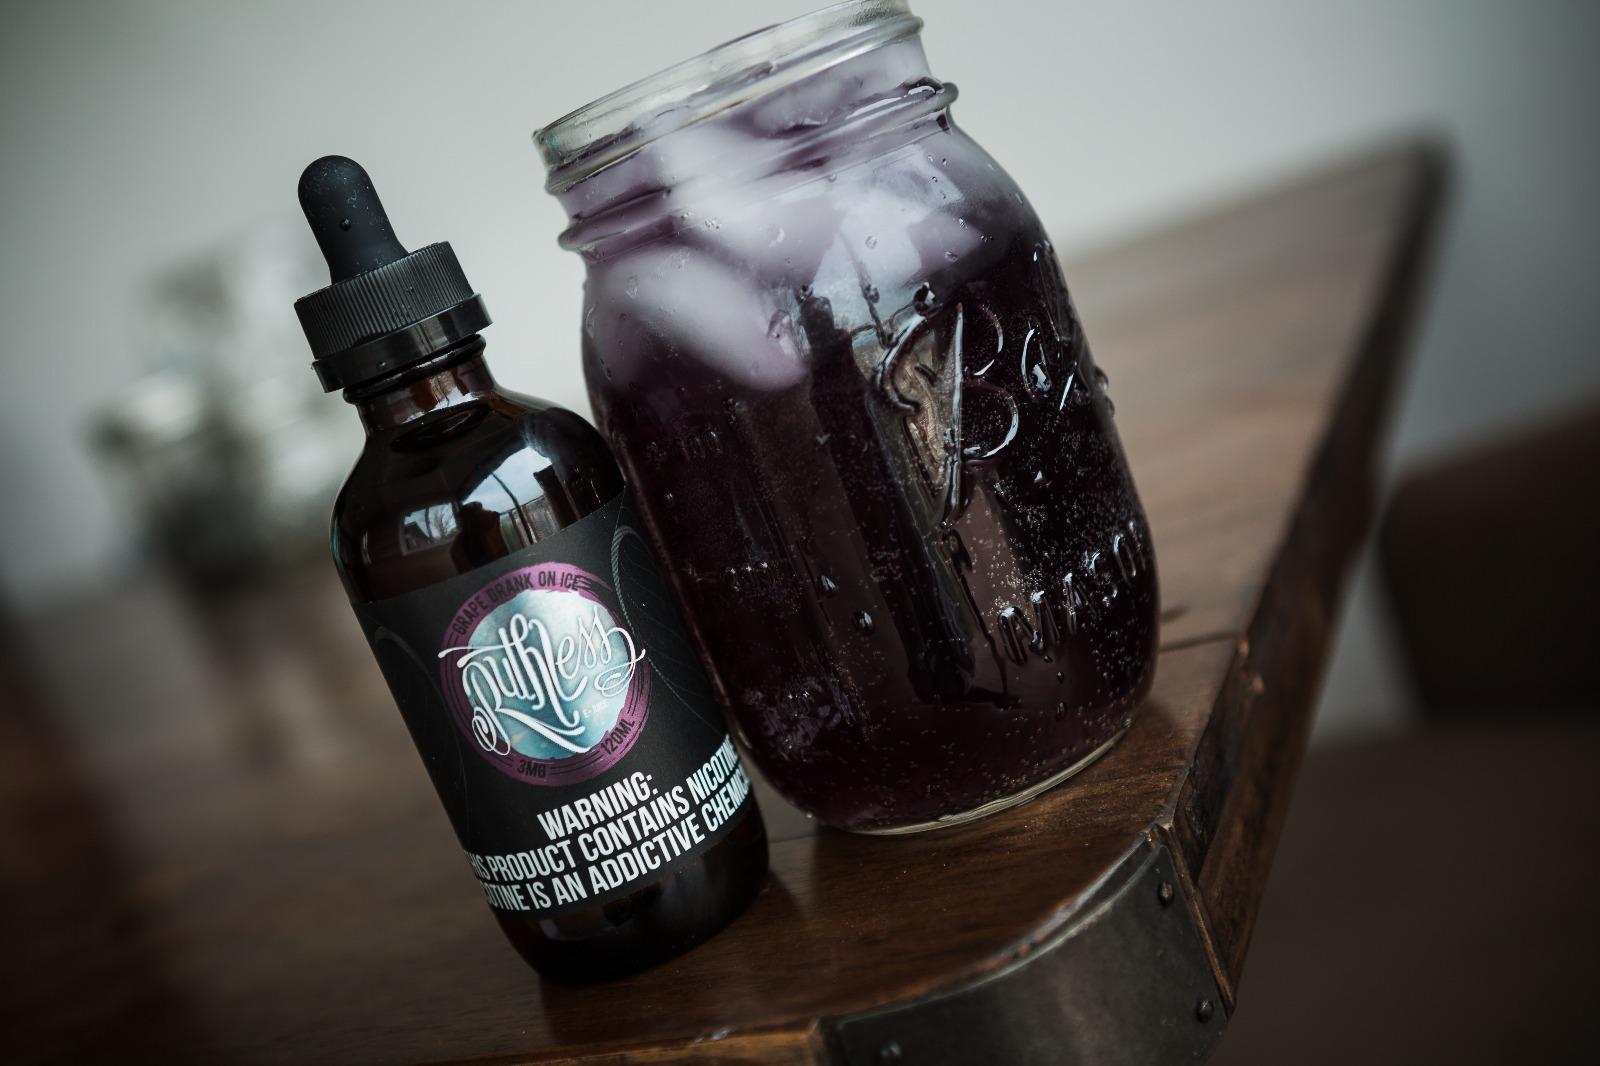 Grape Drank on ice E-juice